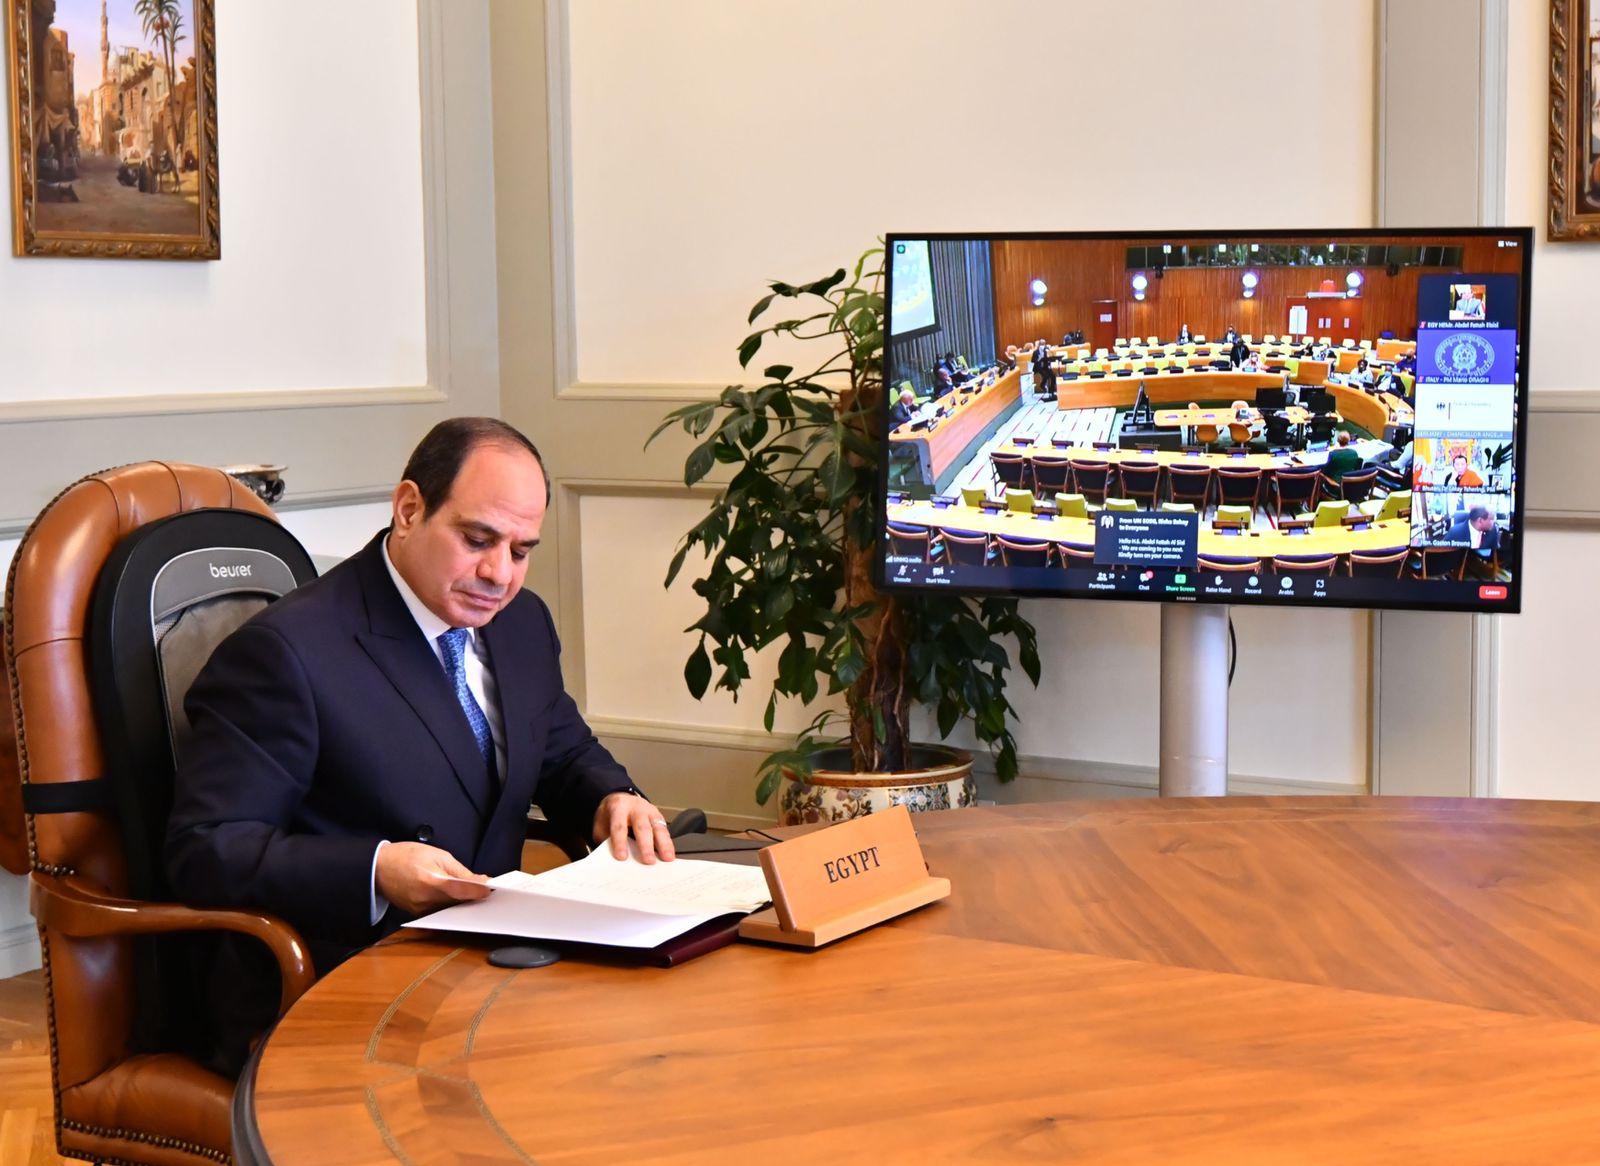 الرئيس السيسي يؤكد أهمية تحمل الدول المتقدمة لمسئولياتها في خفض الانبعاثات